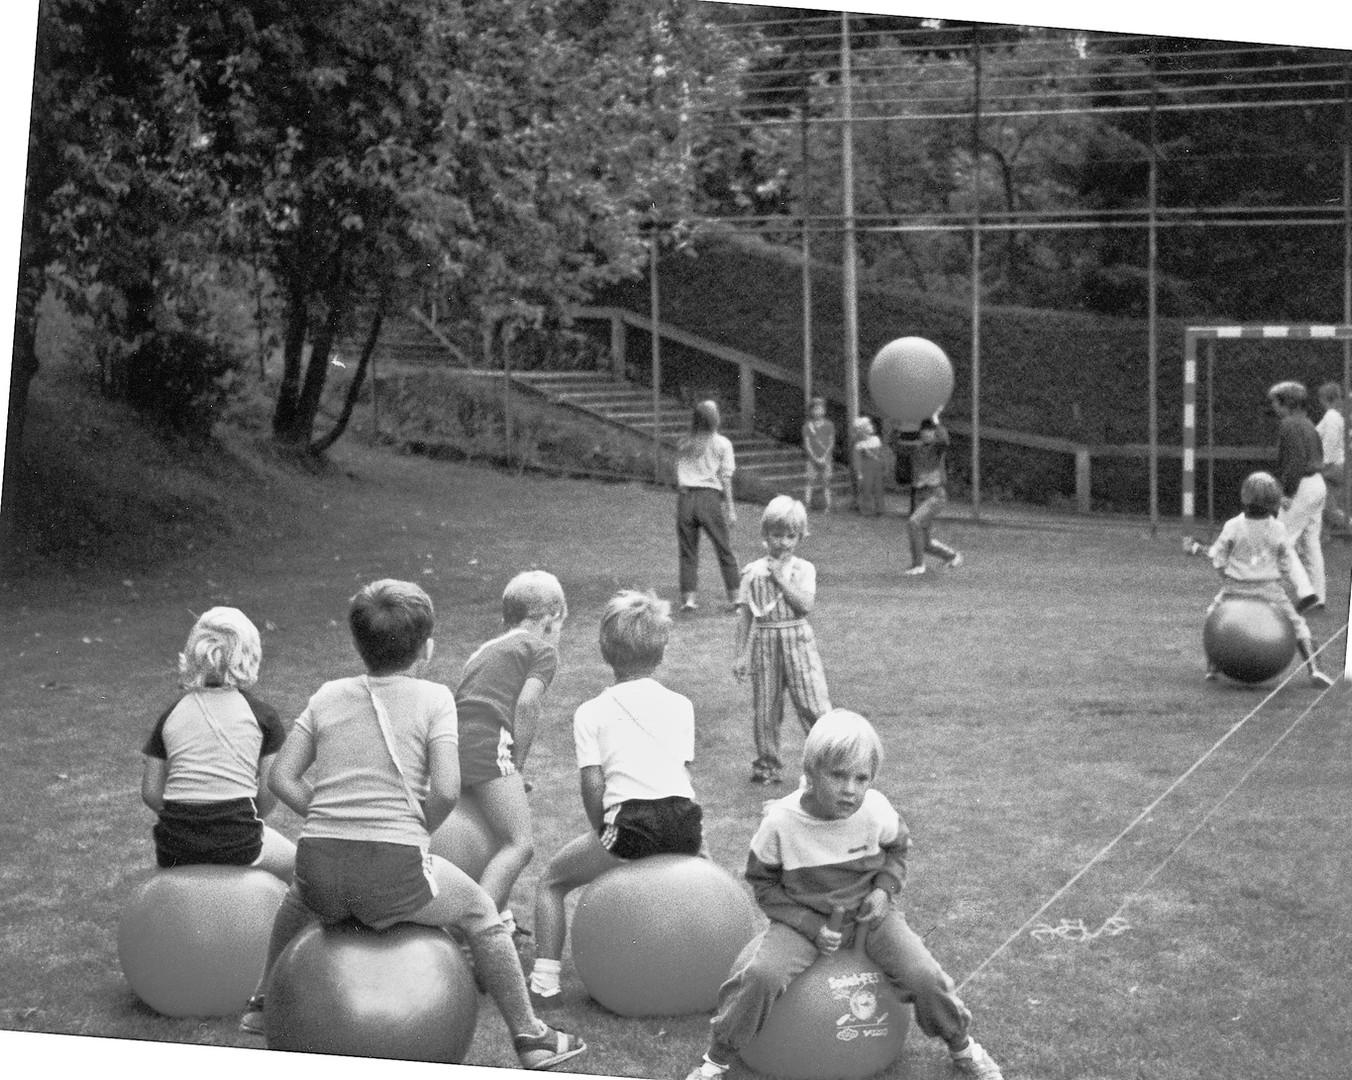 2009-02-17. Foto Archiv EBG St.Gallen. 2